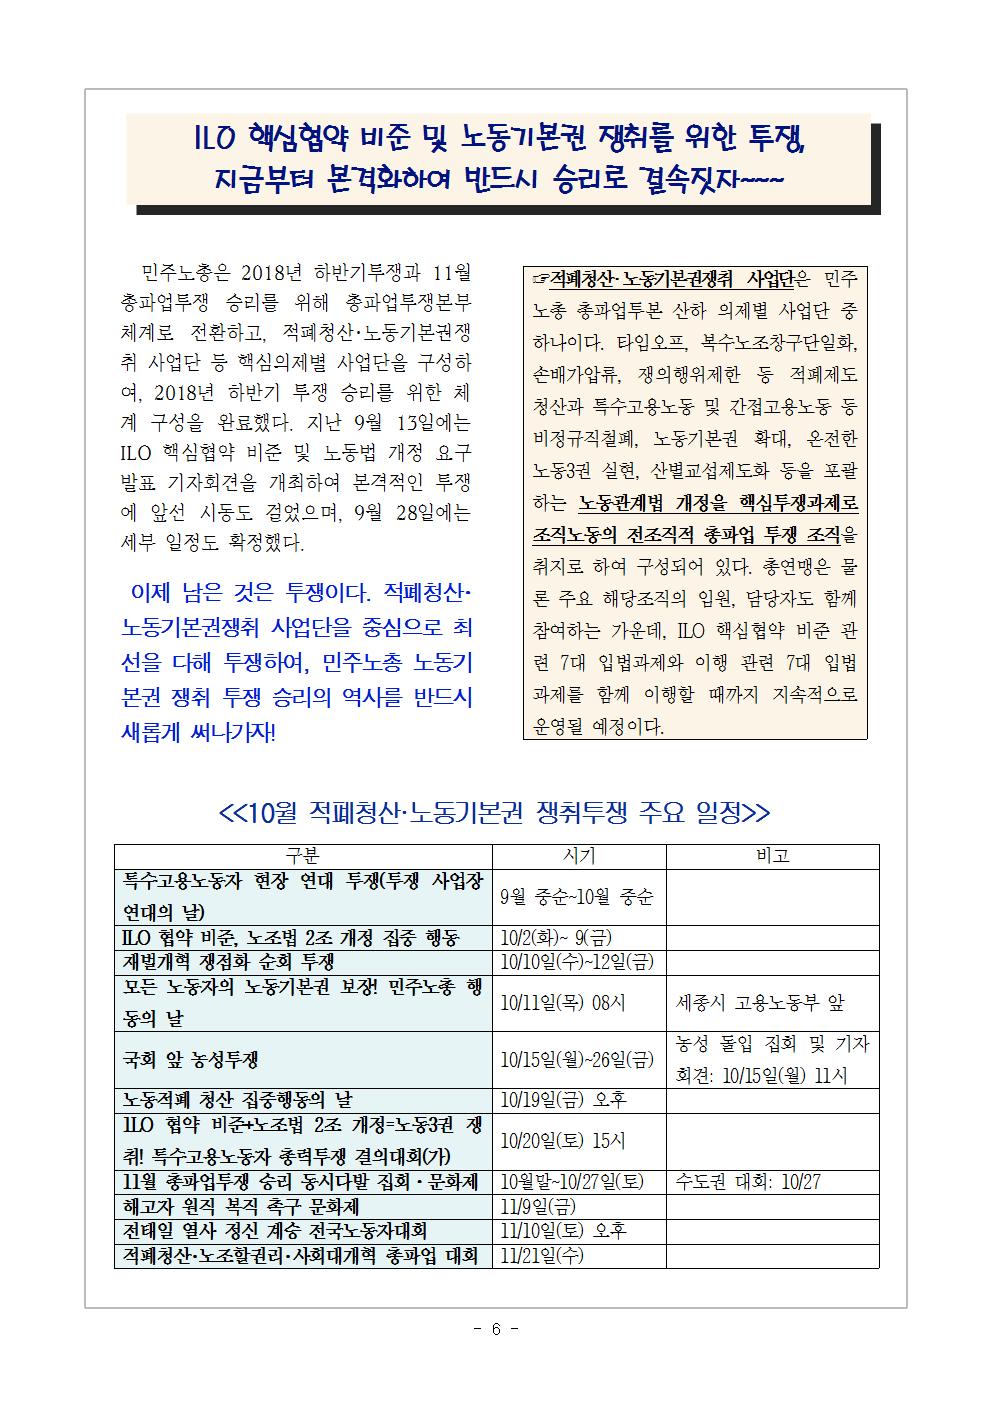 [2018 교육지-9] ILO 핵심협약 비준과 노동기본권006.png